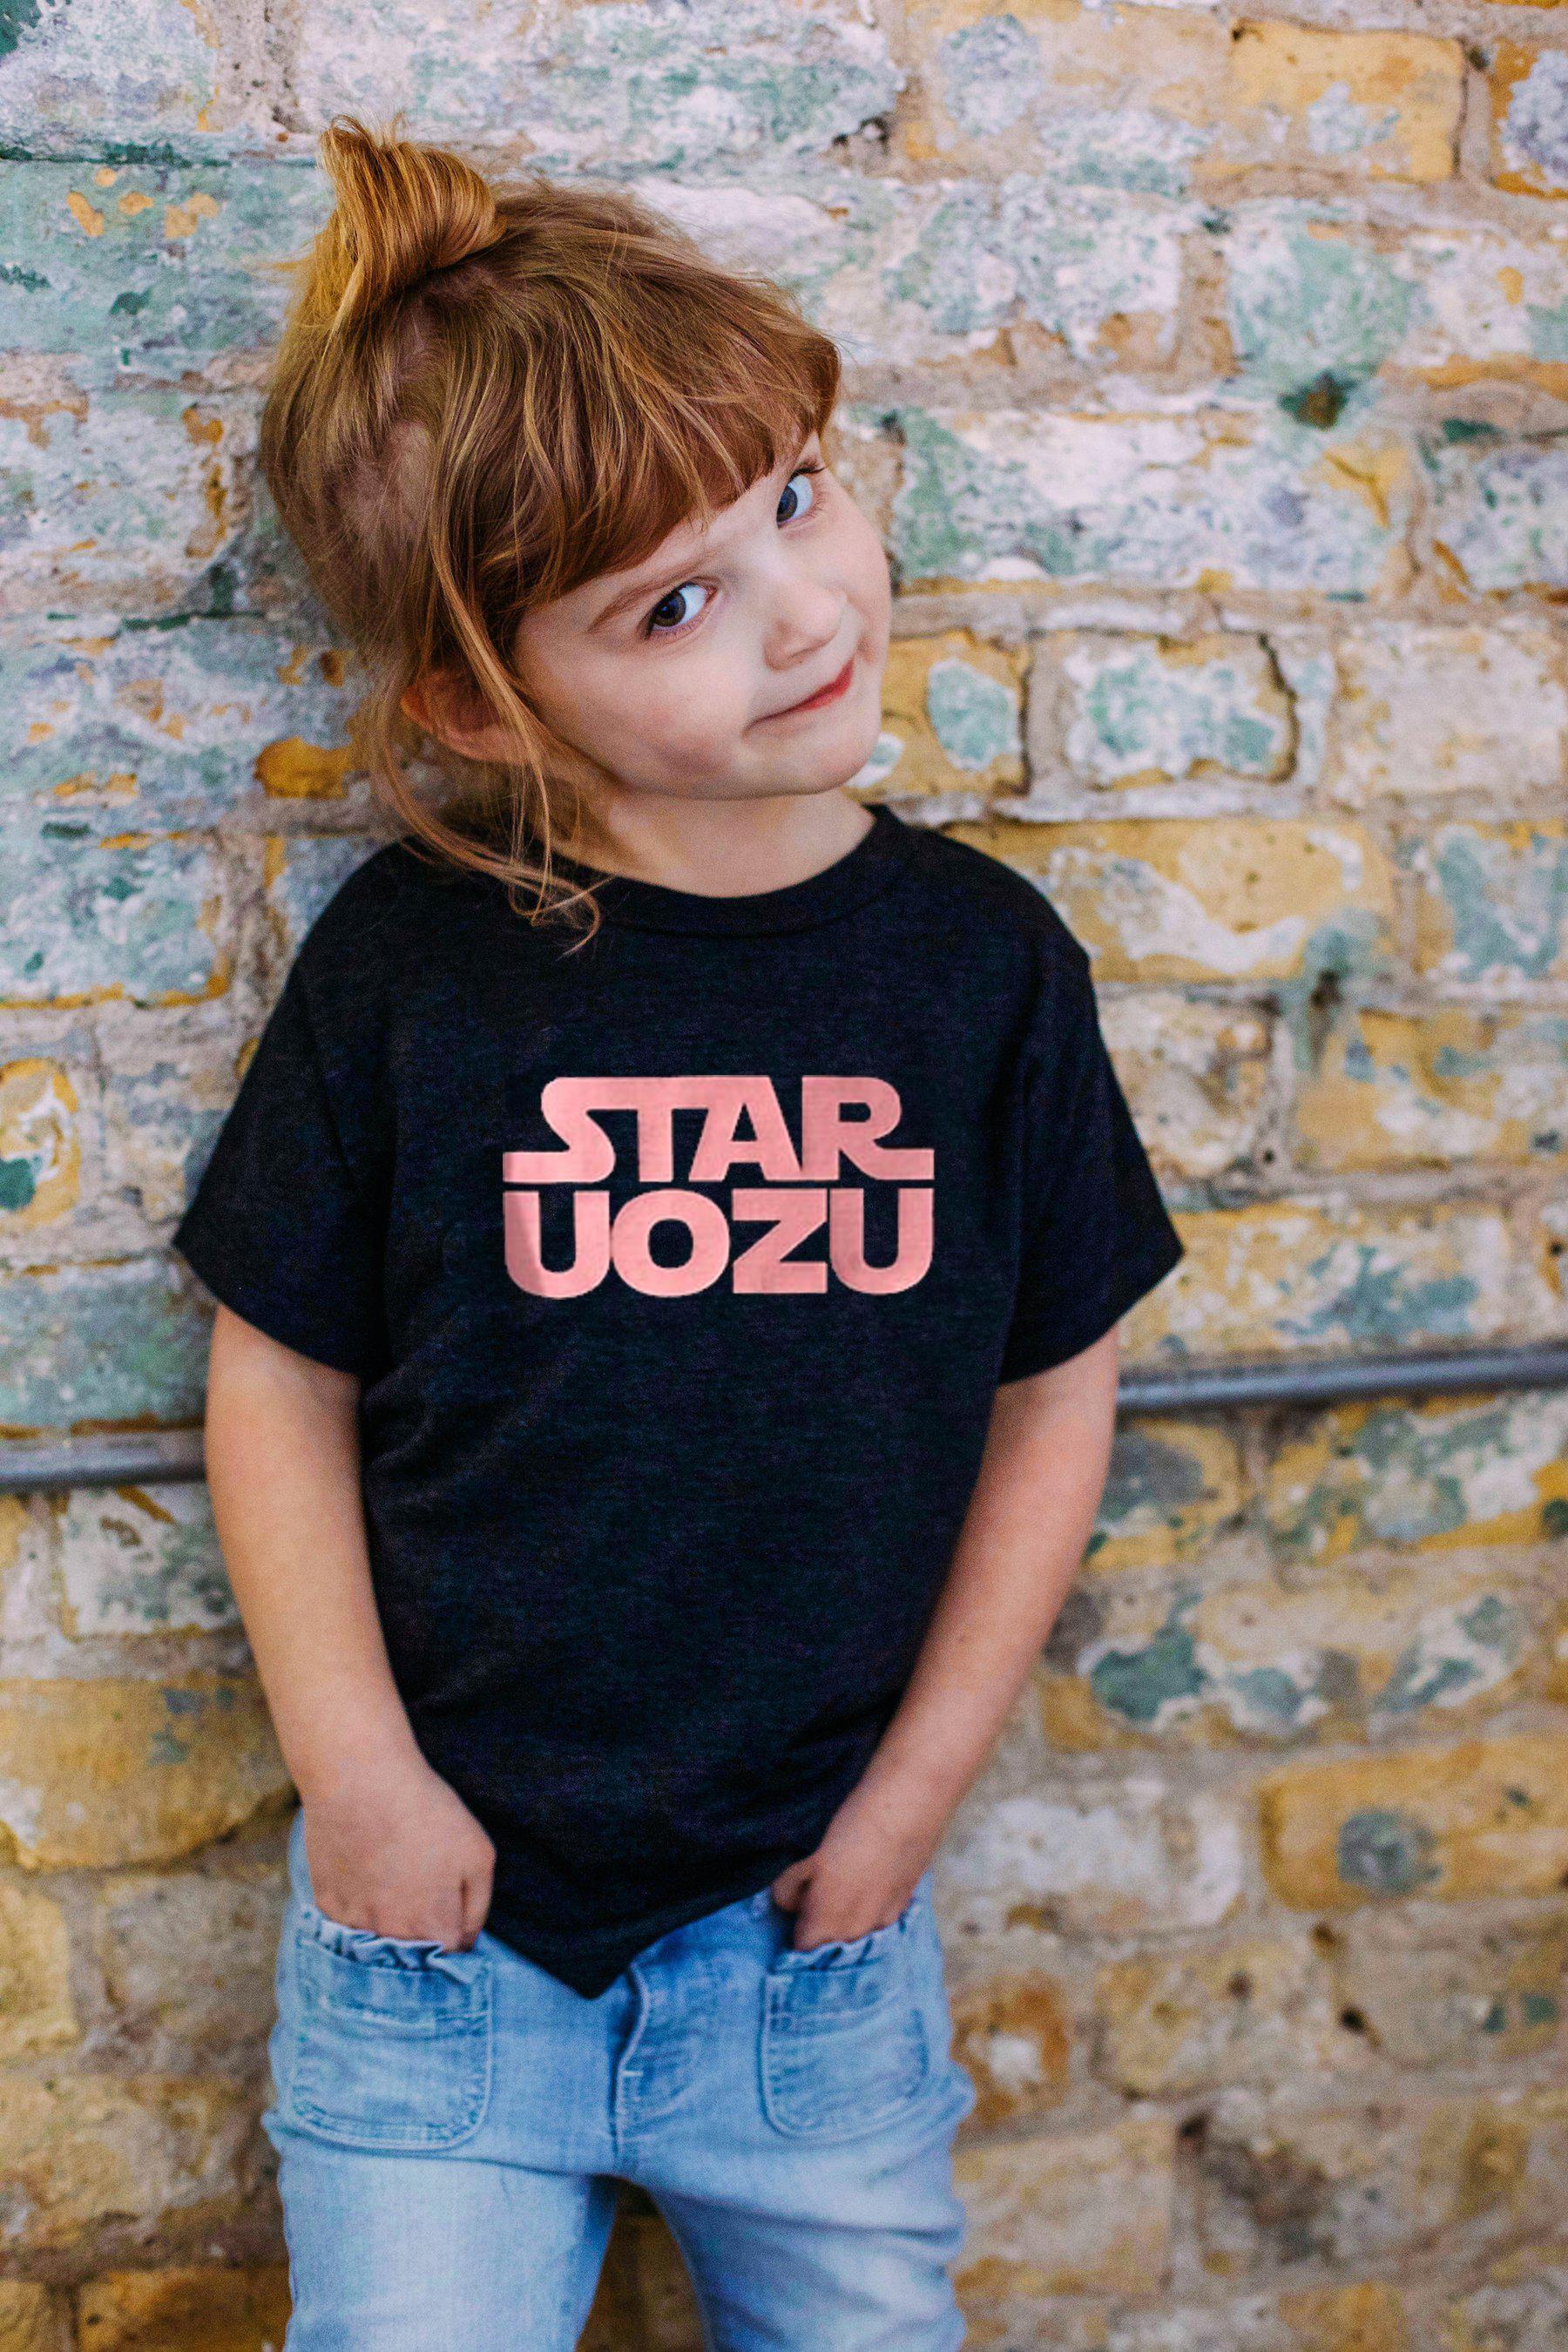 STAR UOZU キッズTシャツ ブラック×ピンク